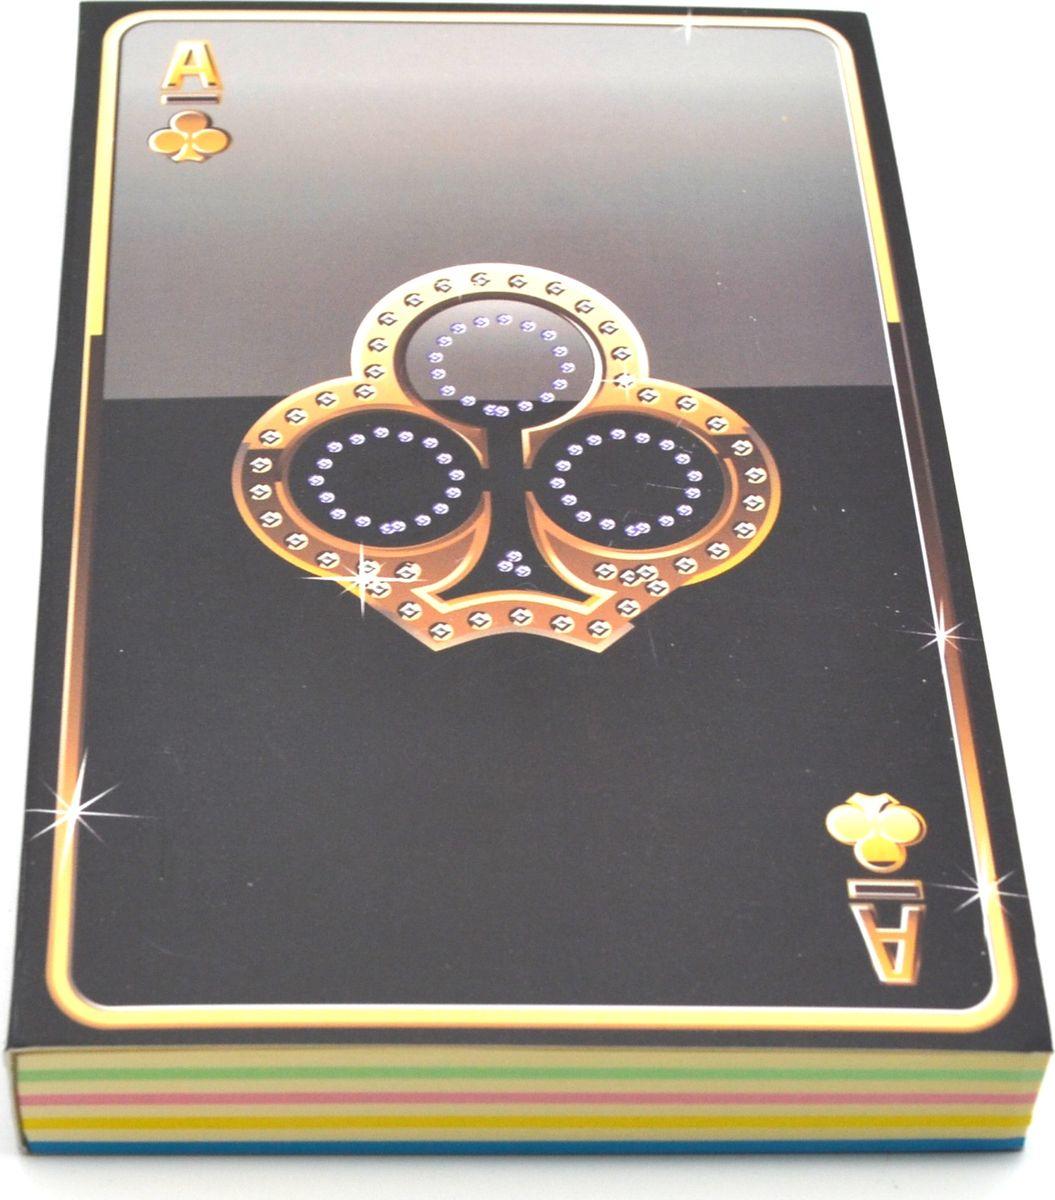 Карамба Блокнот Карты Трефы 192 листа72523WDБлокнот Карамба Карты Трефы - незаменимый атрибут современного человека, необходимый для рабочих и повседневных записей в офисе и дома. Блокнот содержит 192 листа.Блокнот станет достойным аксессуаром среди ваших канцелярских принадлежностей. Такой блокнот пригодится как для деловых людей, так и для любителей записывать свои мысли, писать мемуары или делать наброски новых стихотворений.